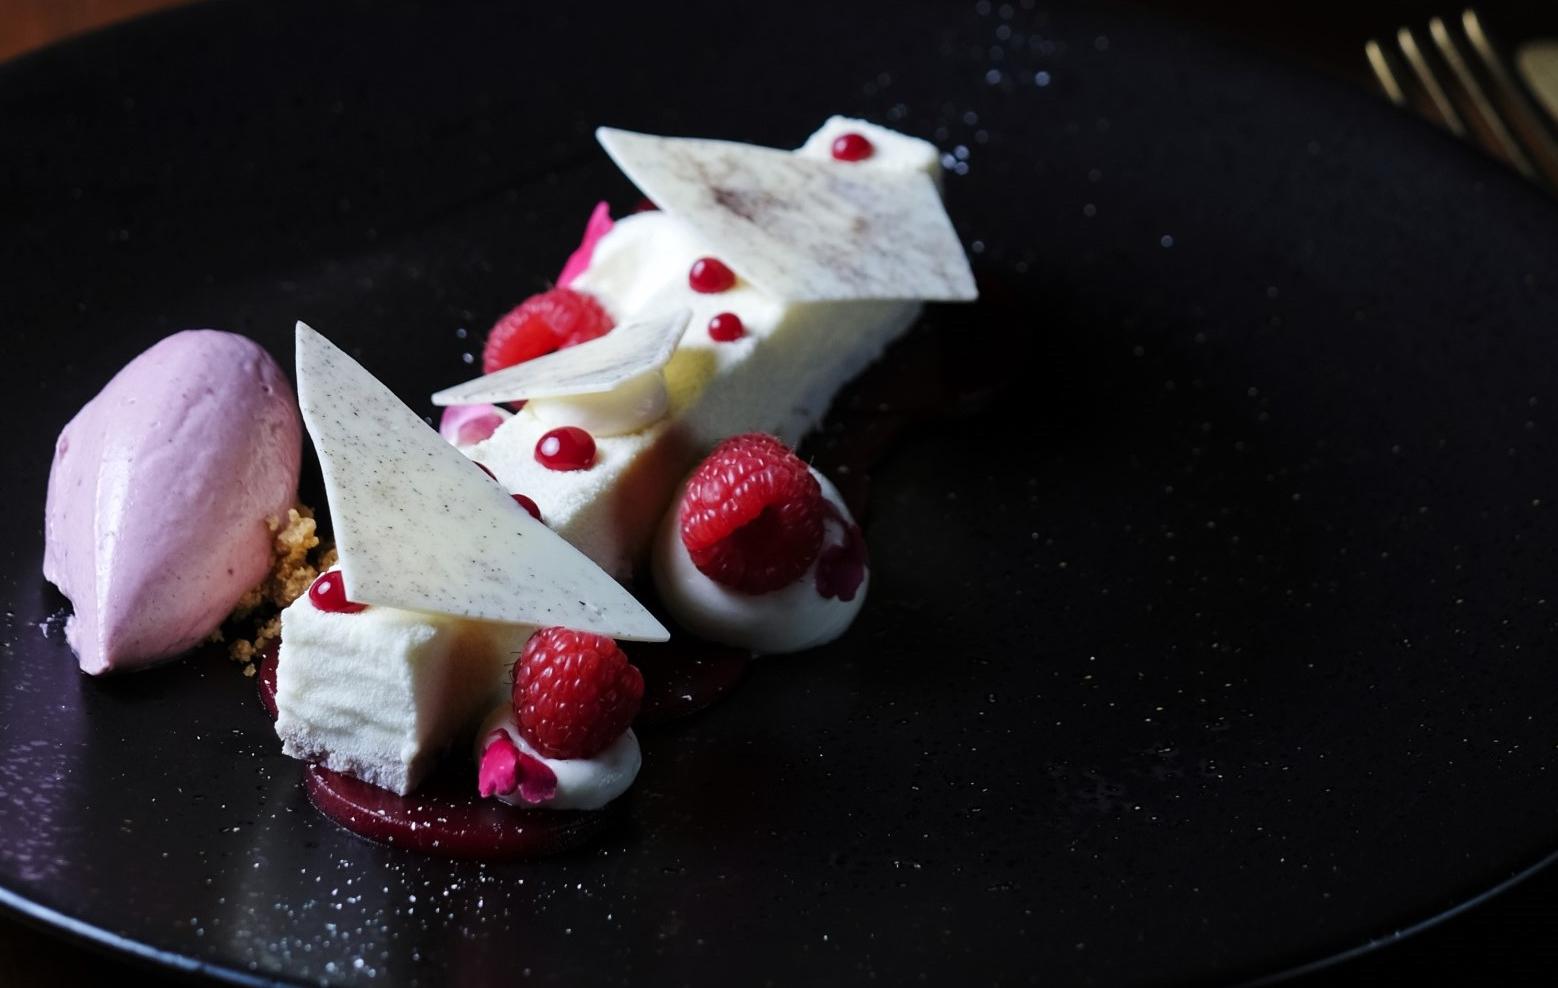 Red Sugar - Valentine's Day